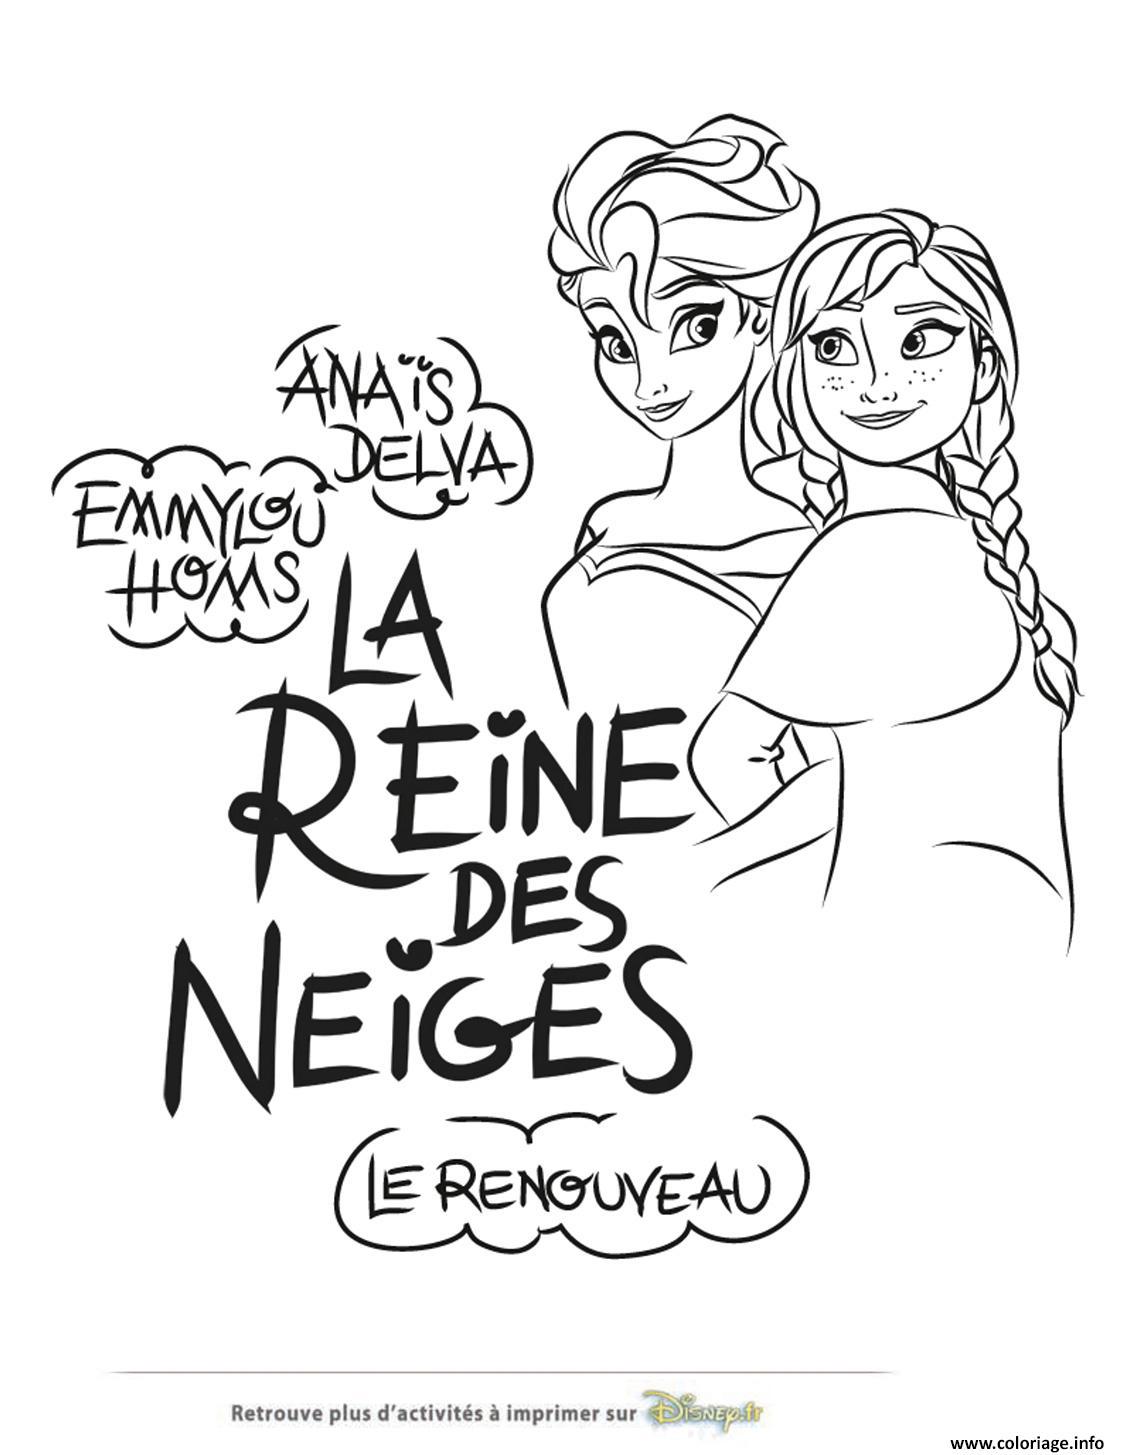 Coloriage soeurs elsa anna reine des neiges disney dessin - Elsa reine des neiges dessin ...